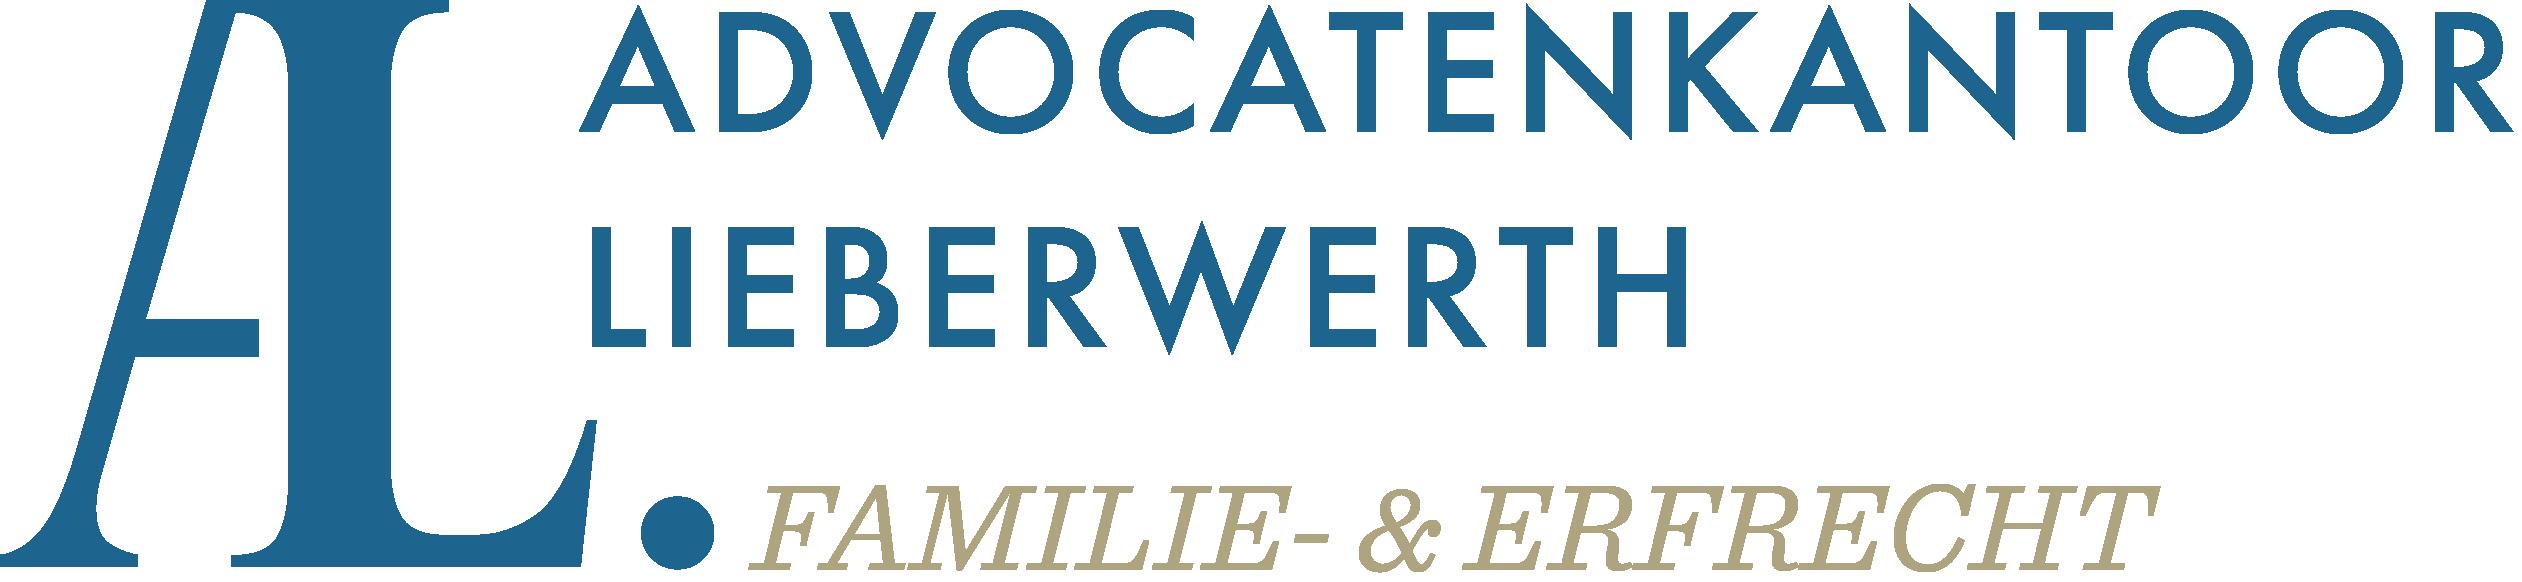 Advocatenkantoor Lieberwerth